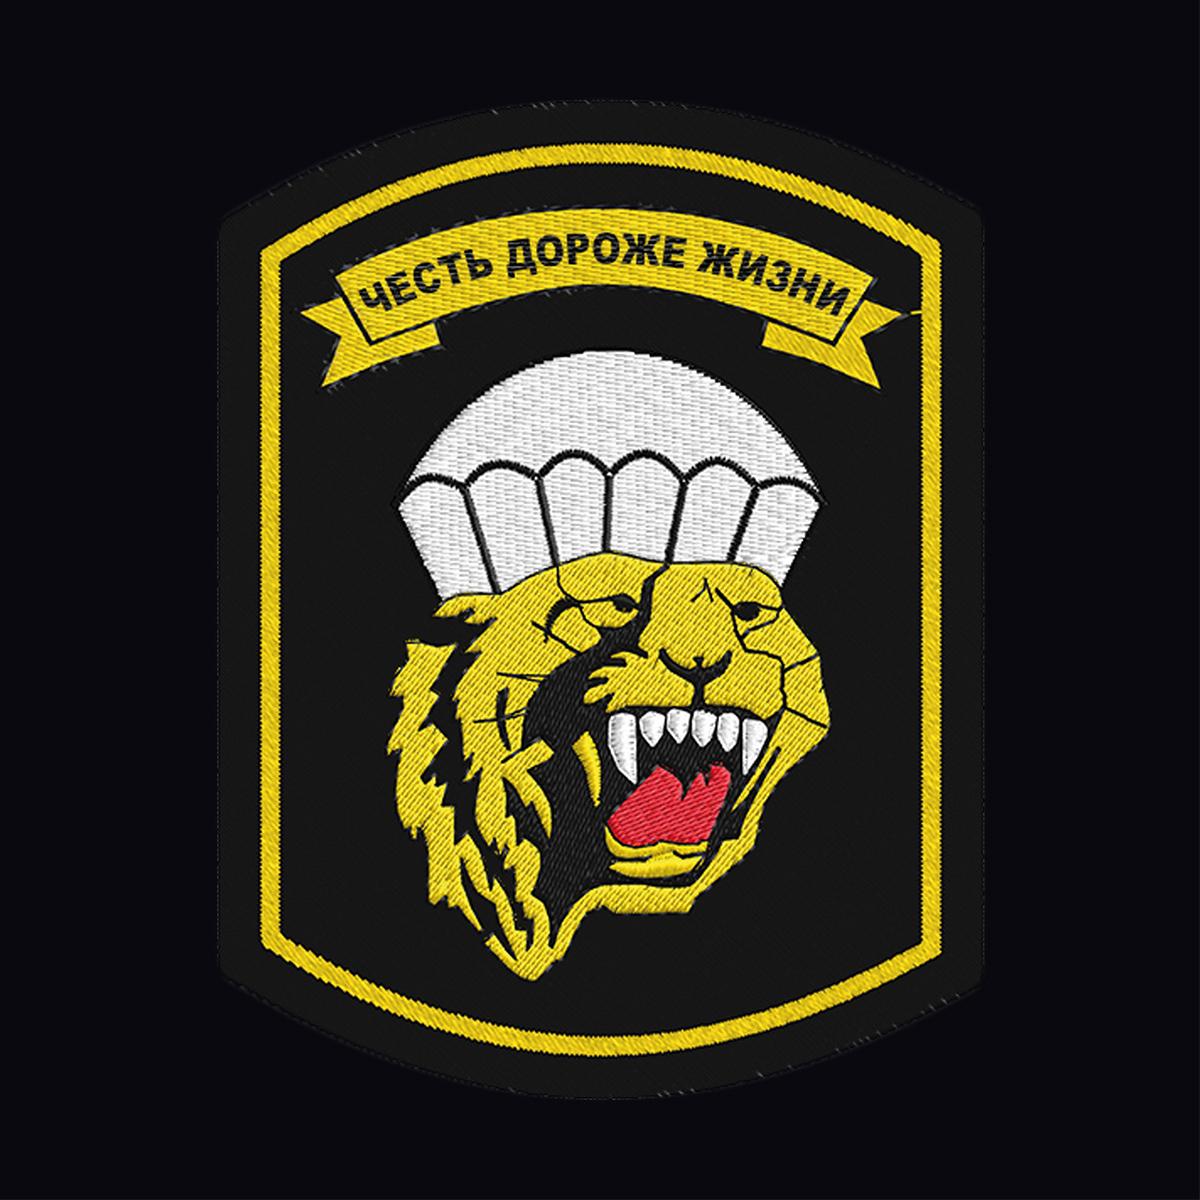 Дизайнерская армейская футболка с вышитым шевроном ВДВ 83 ОДШБр - купить с доставкой